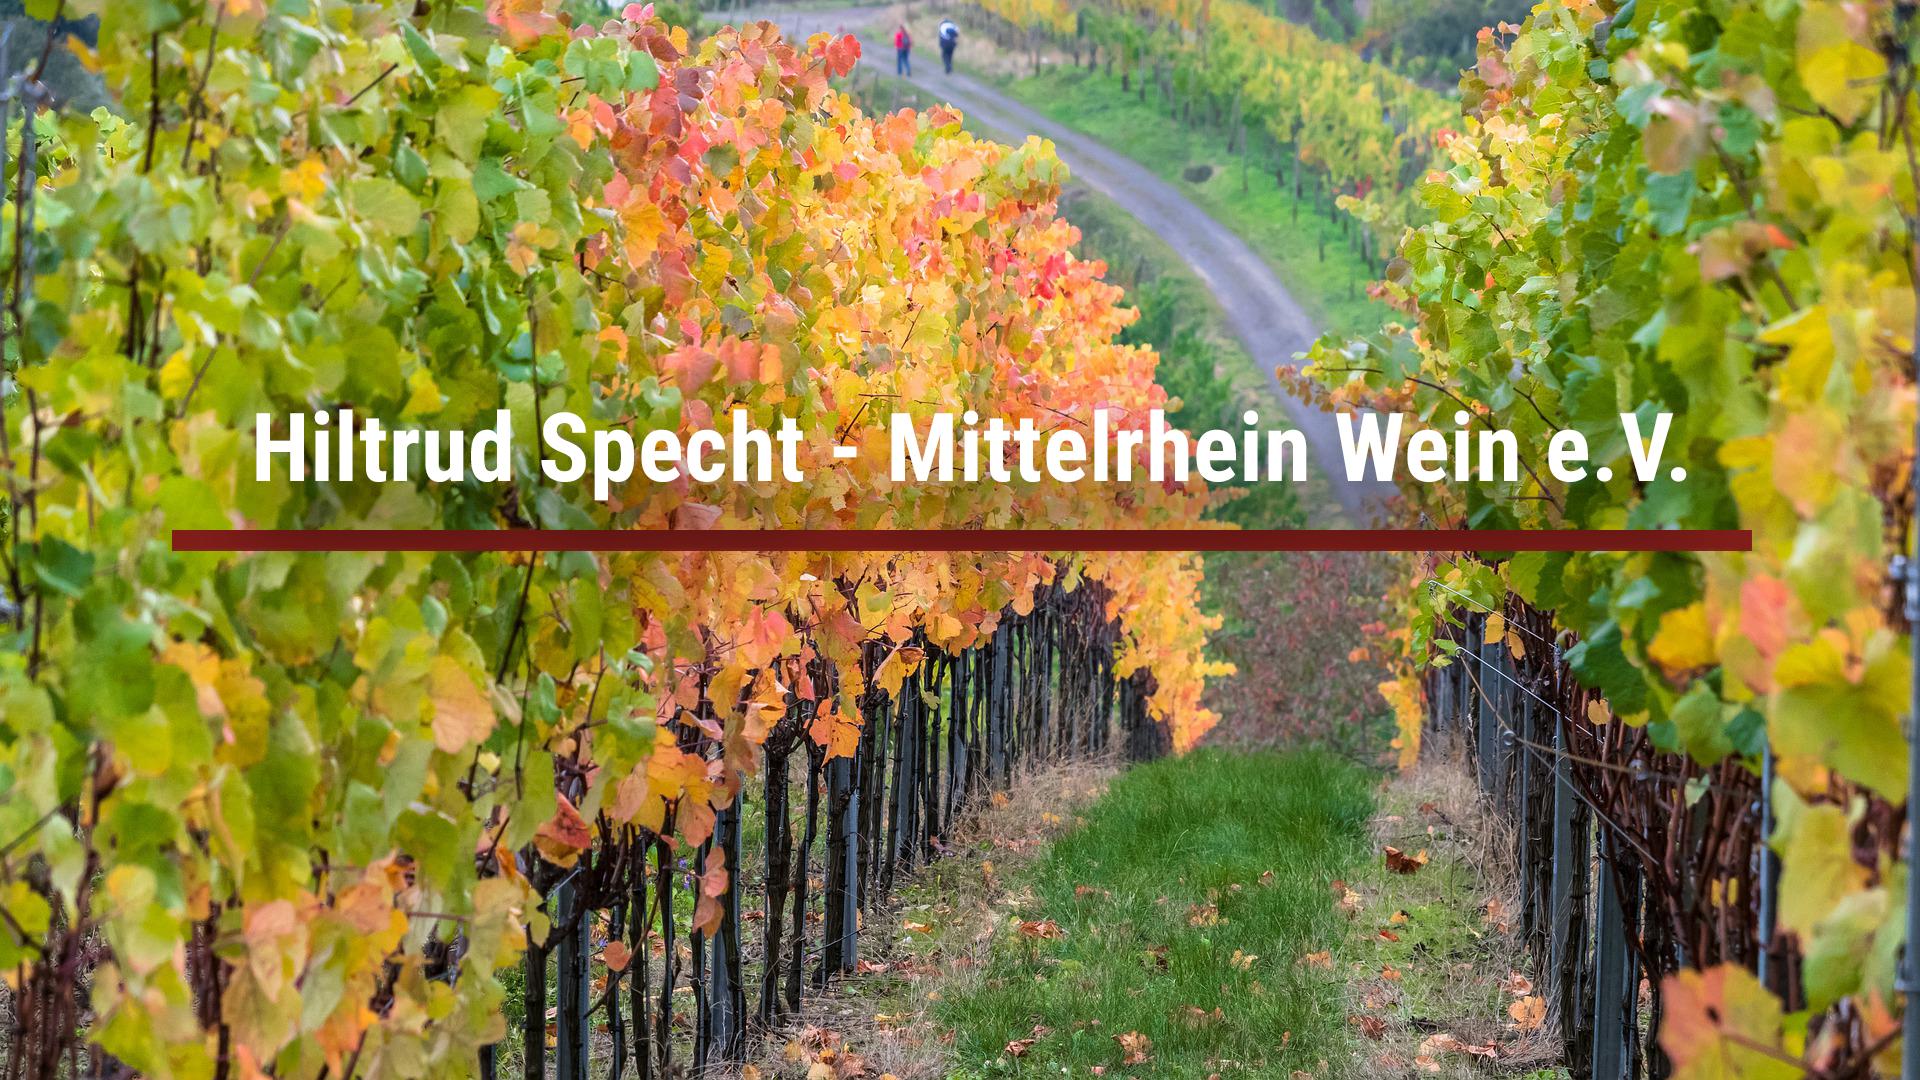 Hiltrud Specht – Mittelrhein Wein e.V.